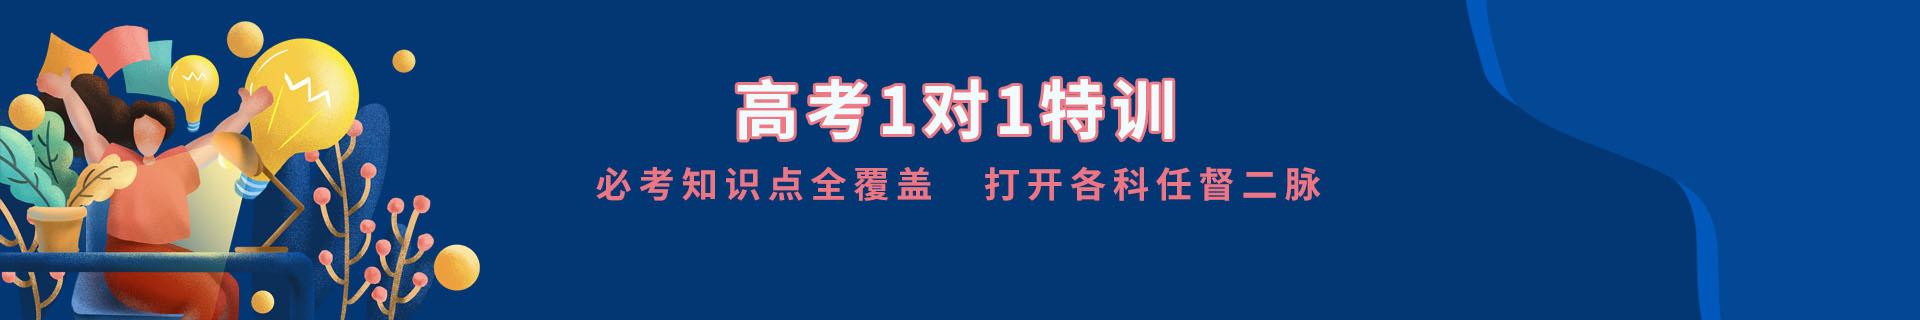 南京秦淮区光华纳思书院辅导机构